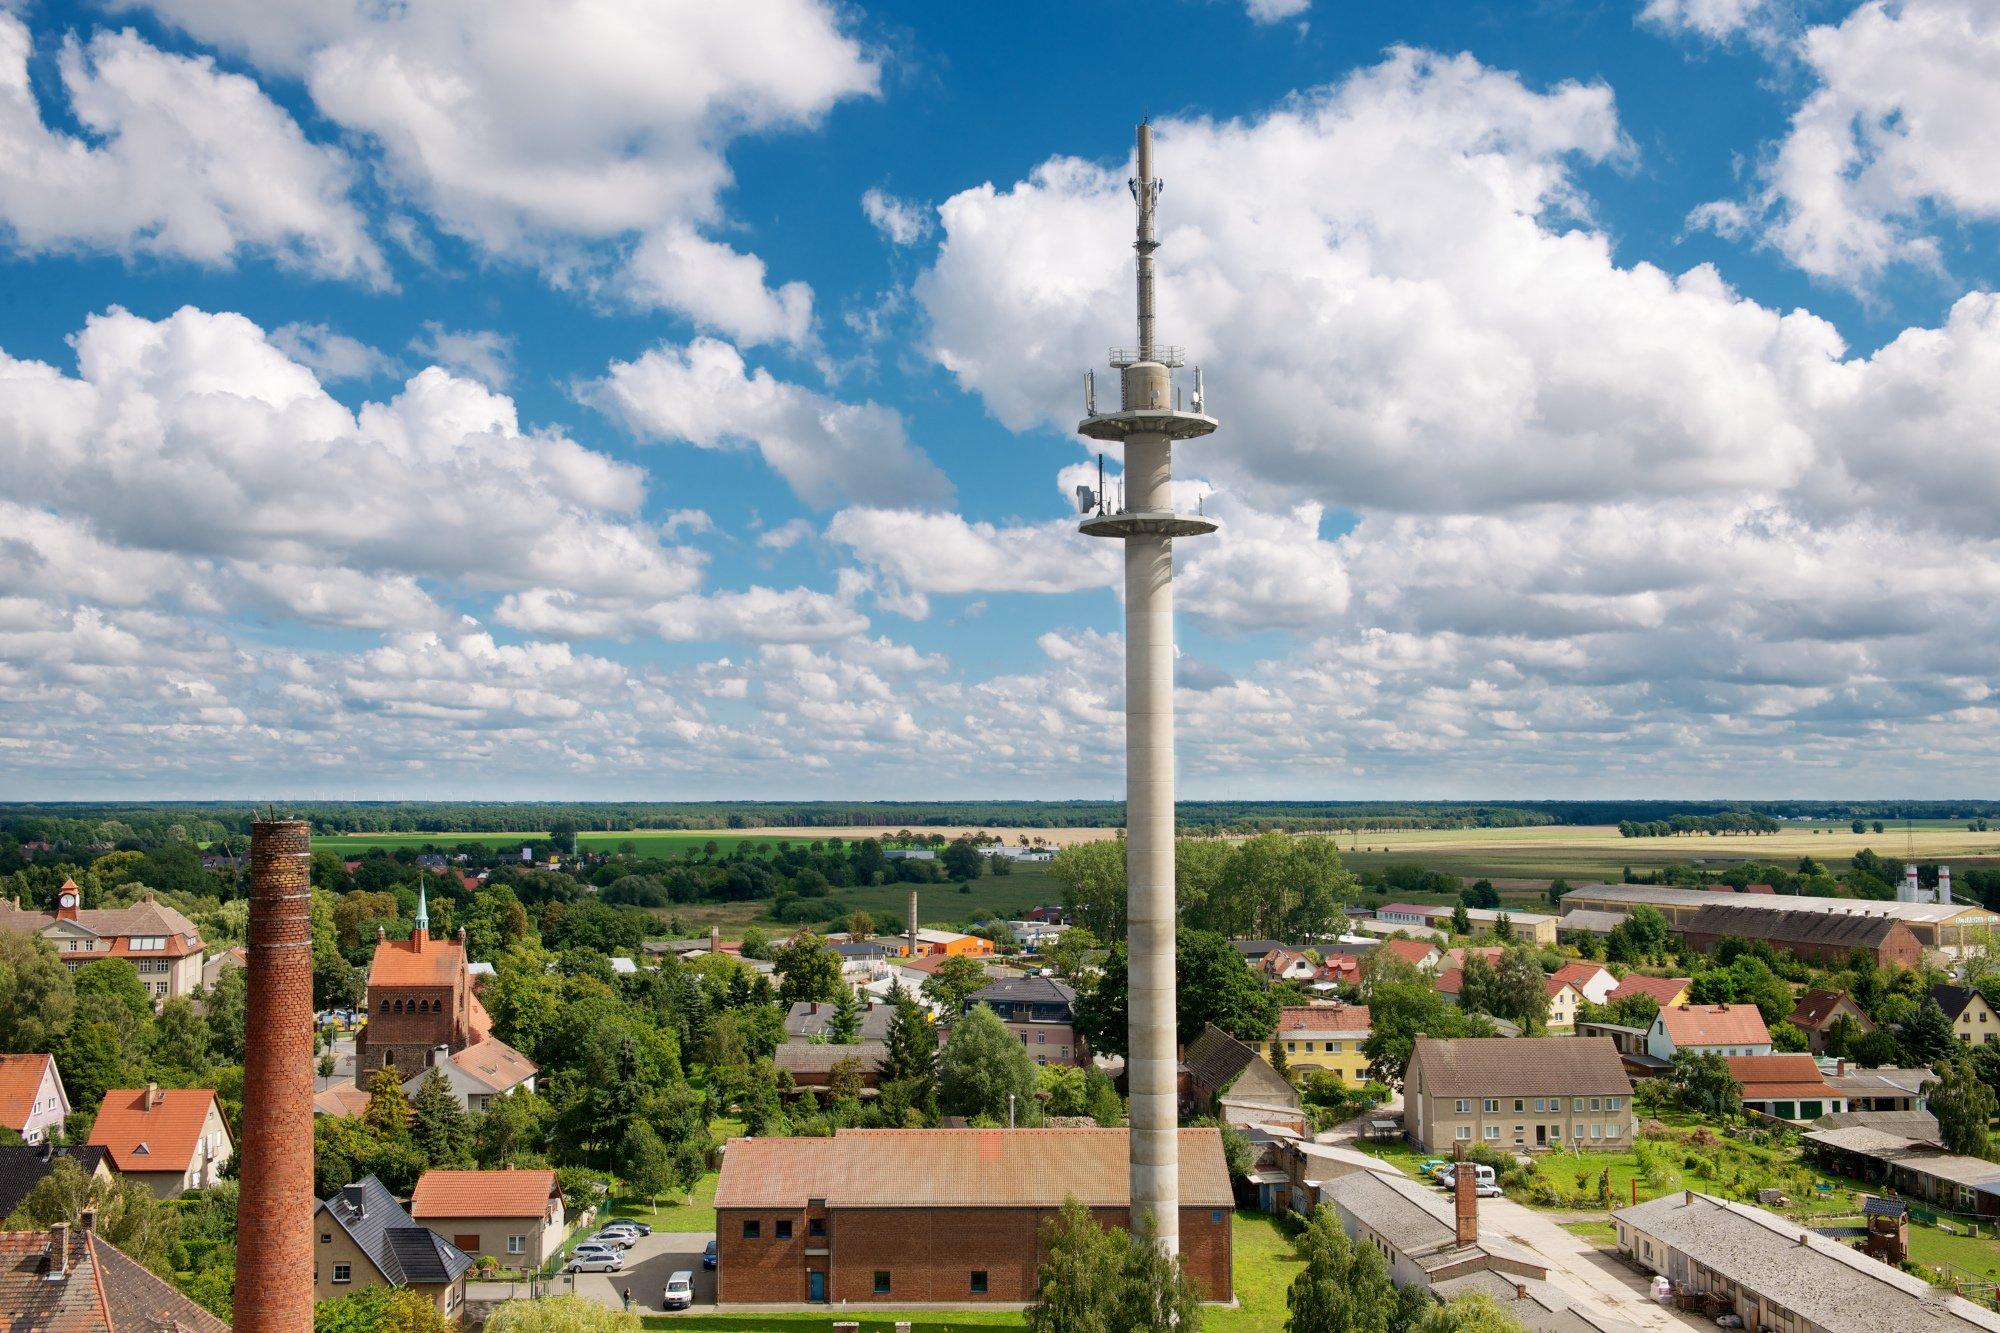 5G wird mehr Bandbreite bringen, auf dem Land aber kaum neue Standorte. Ob dann Gigabit-Internet wirklich beim Nutzer ankommt? (Bild: Telekom)